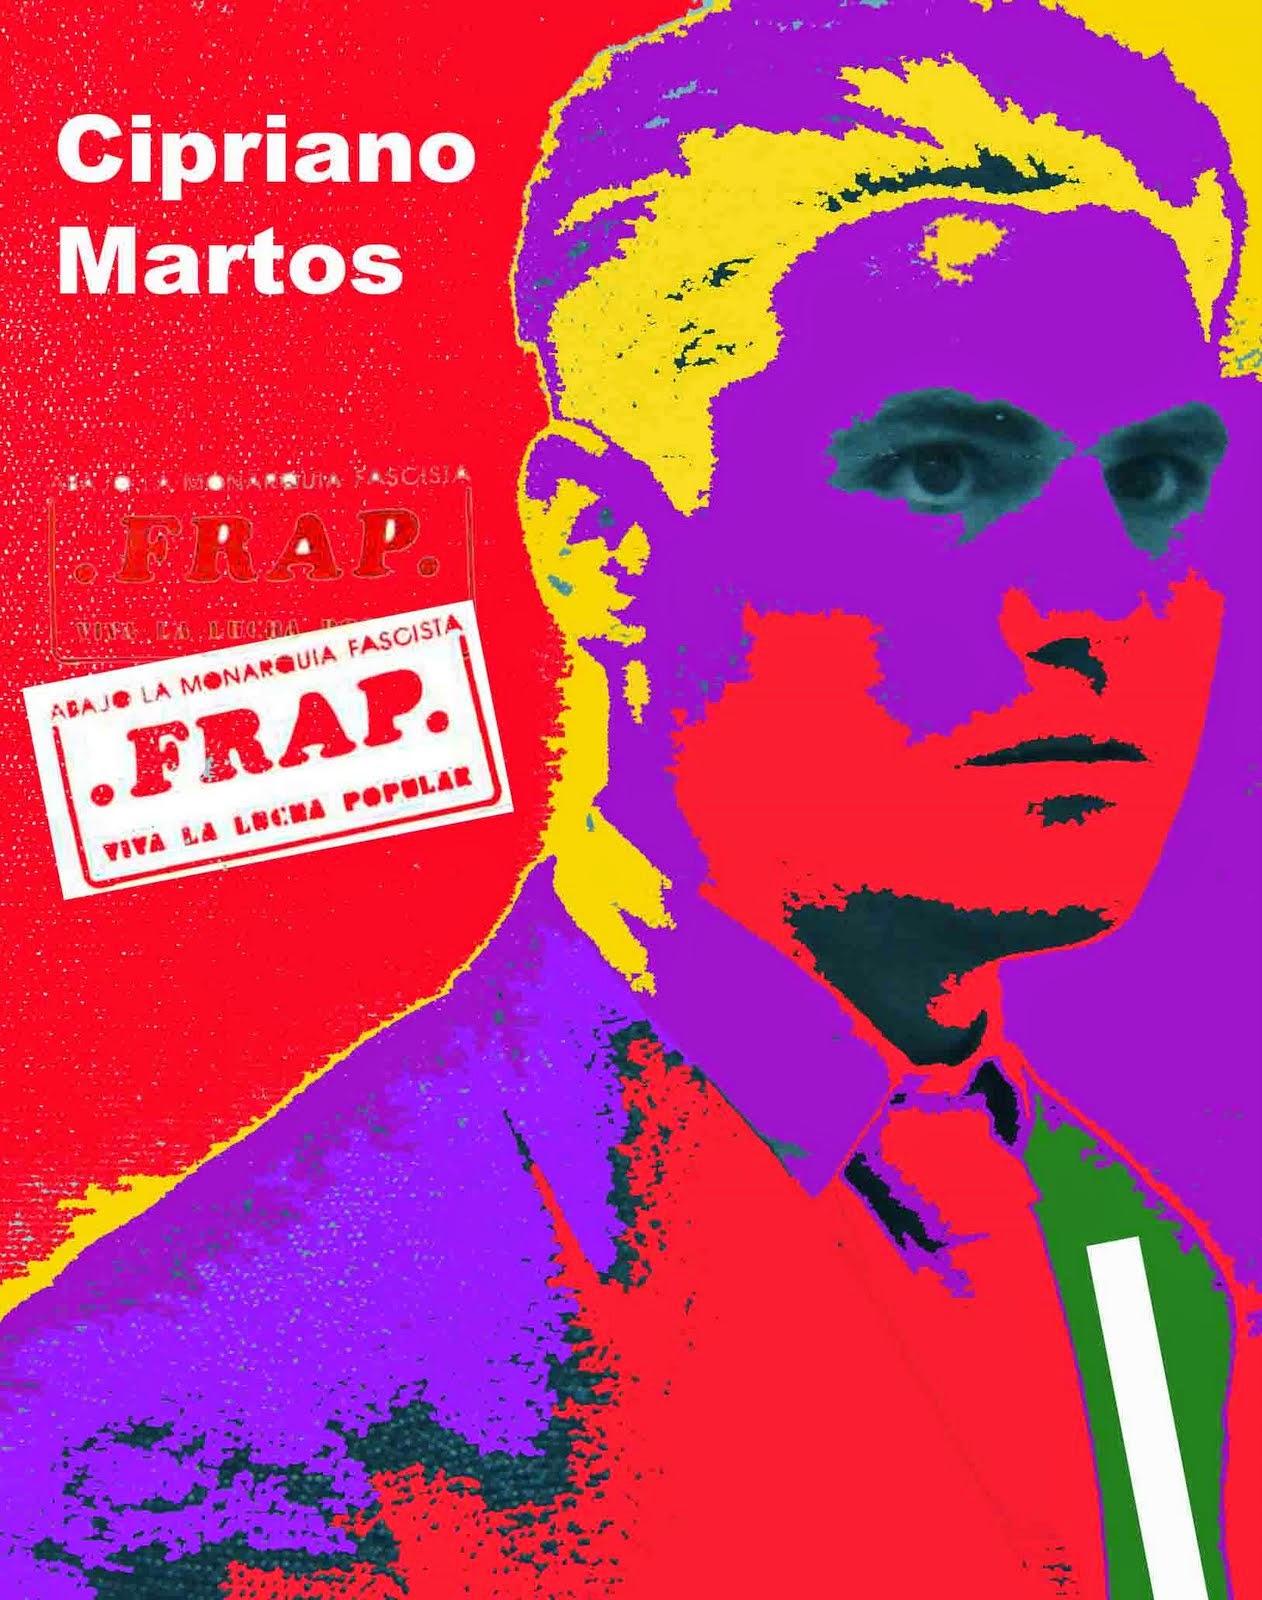 2014 : el 41º aniversario del asesinato el 17 de septiembre de 1973 por la dictadura franquista